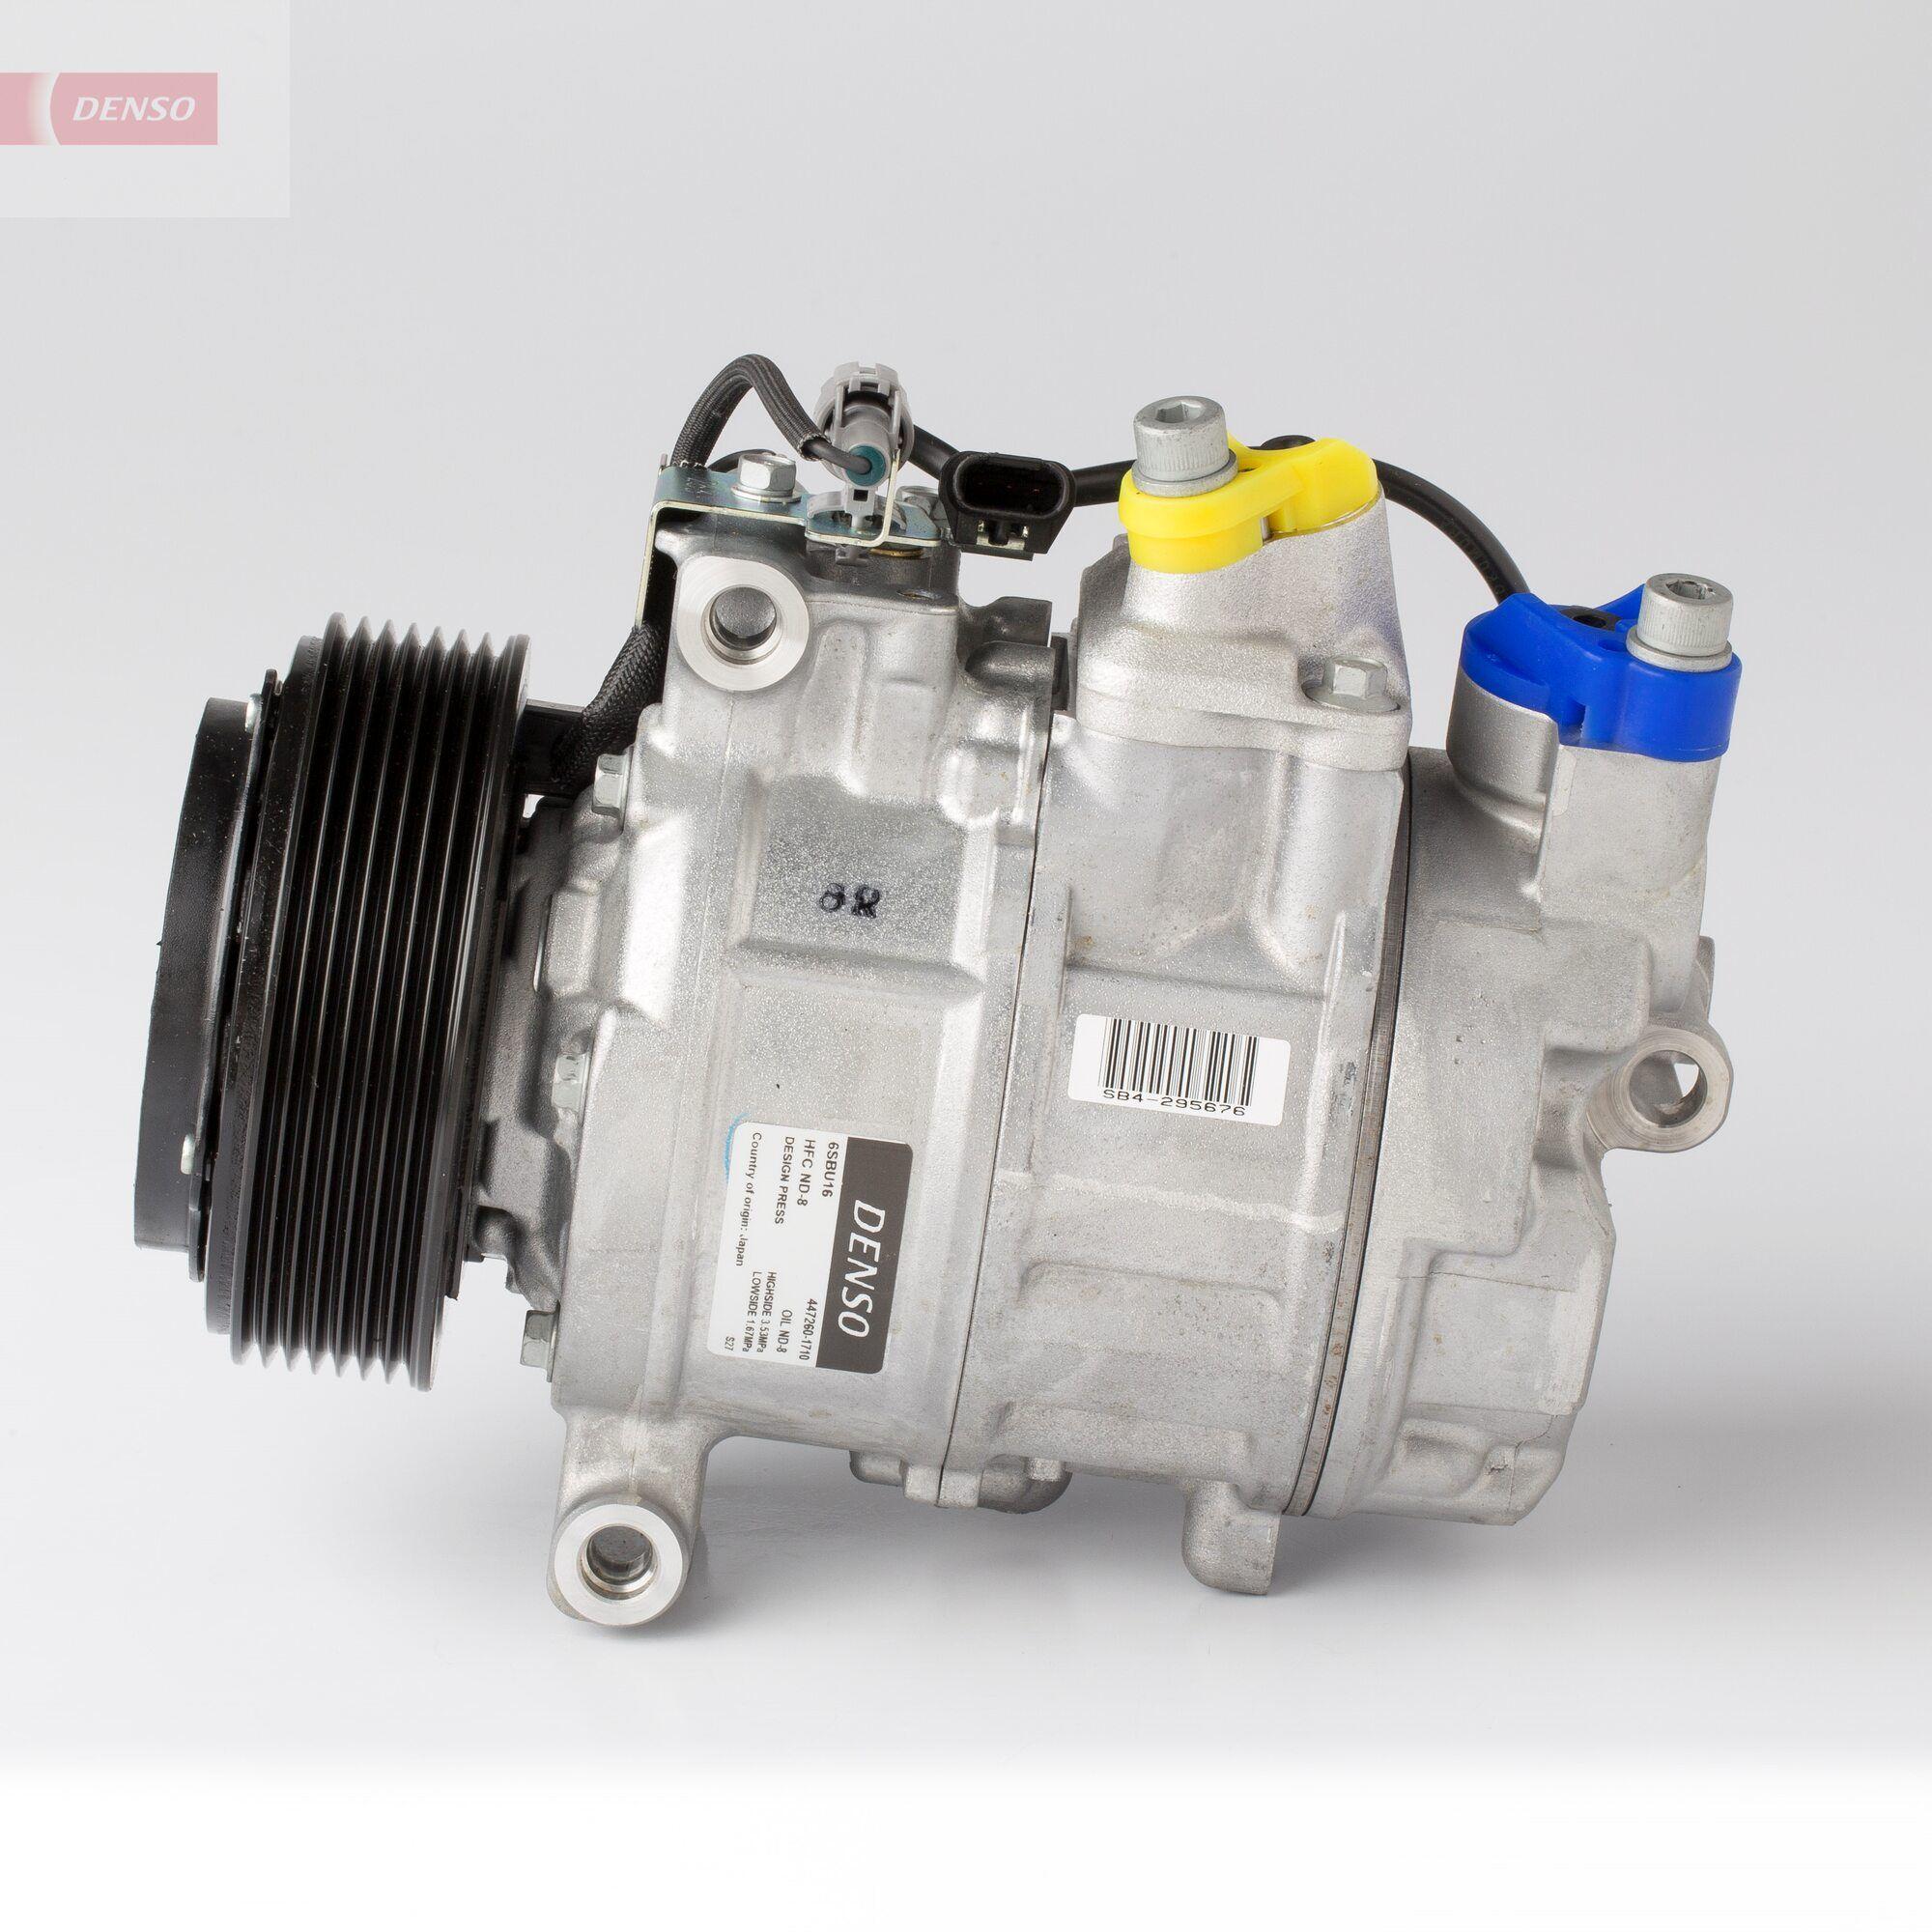 Kompressor DENSO DCP05108